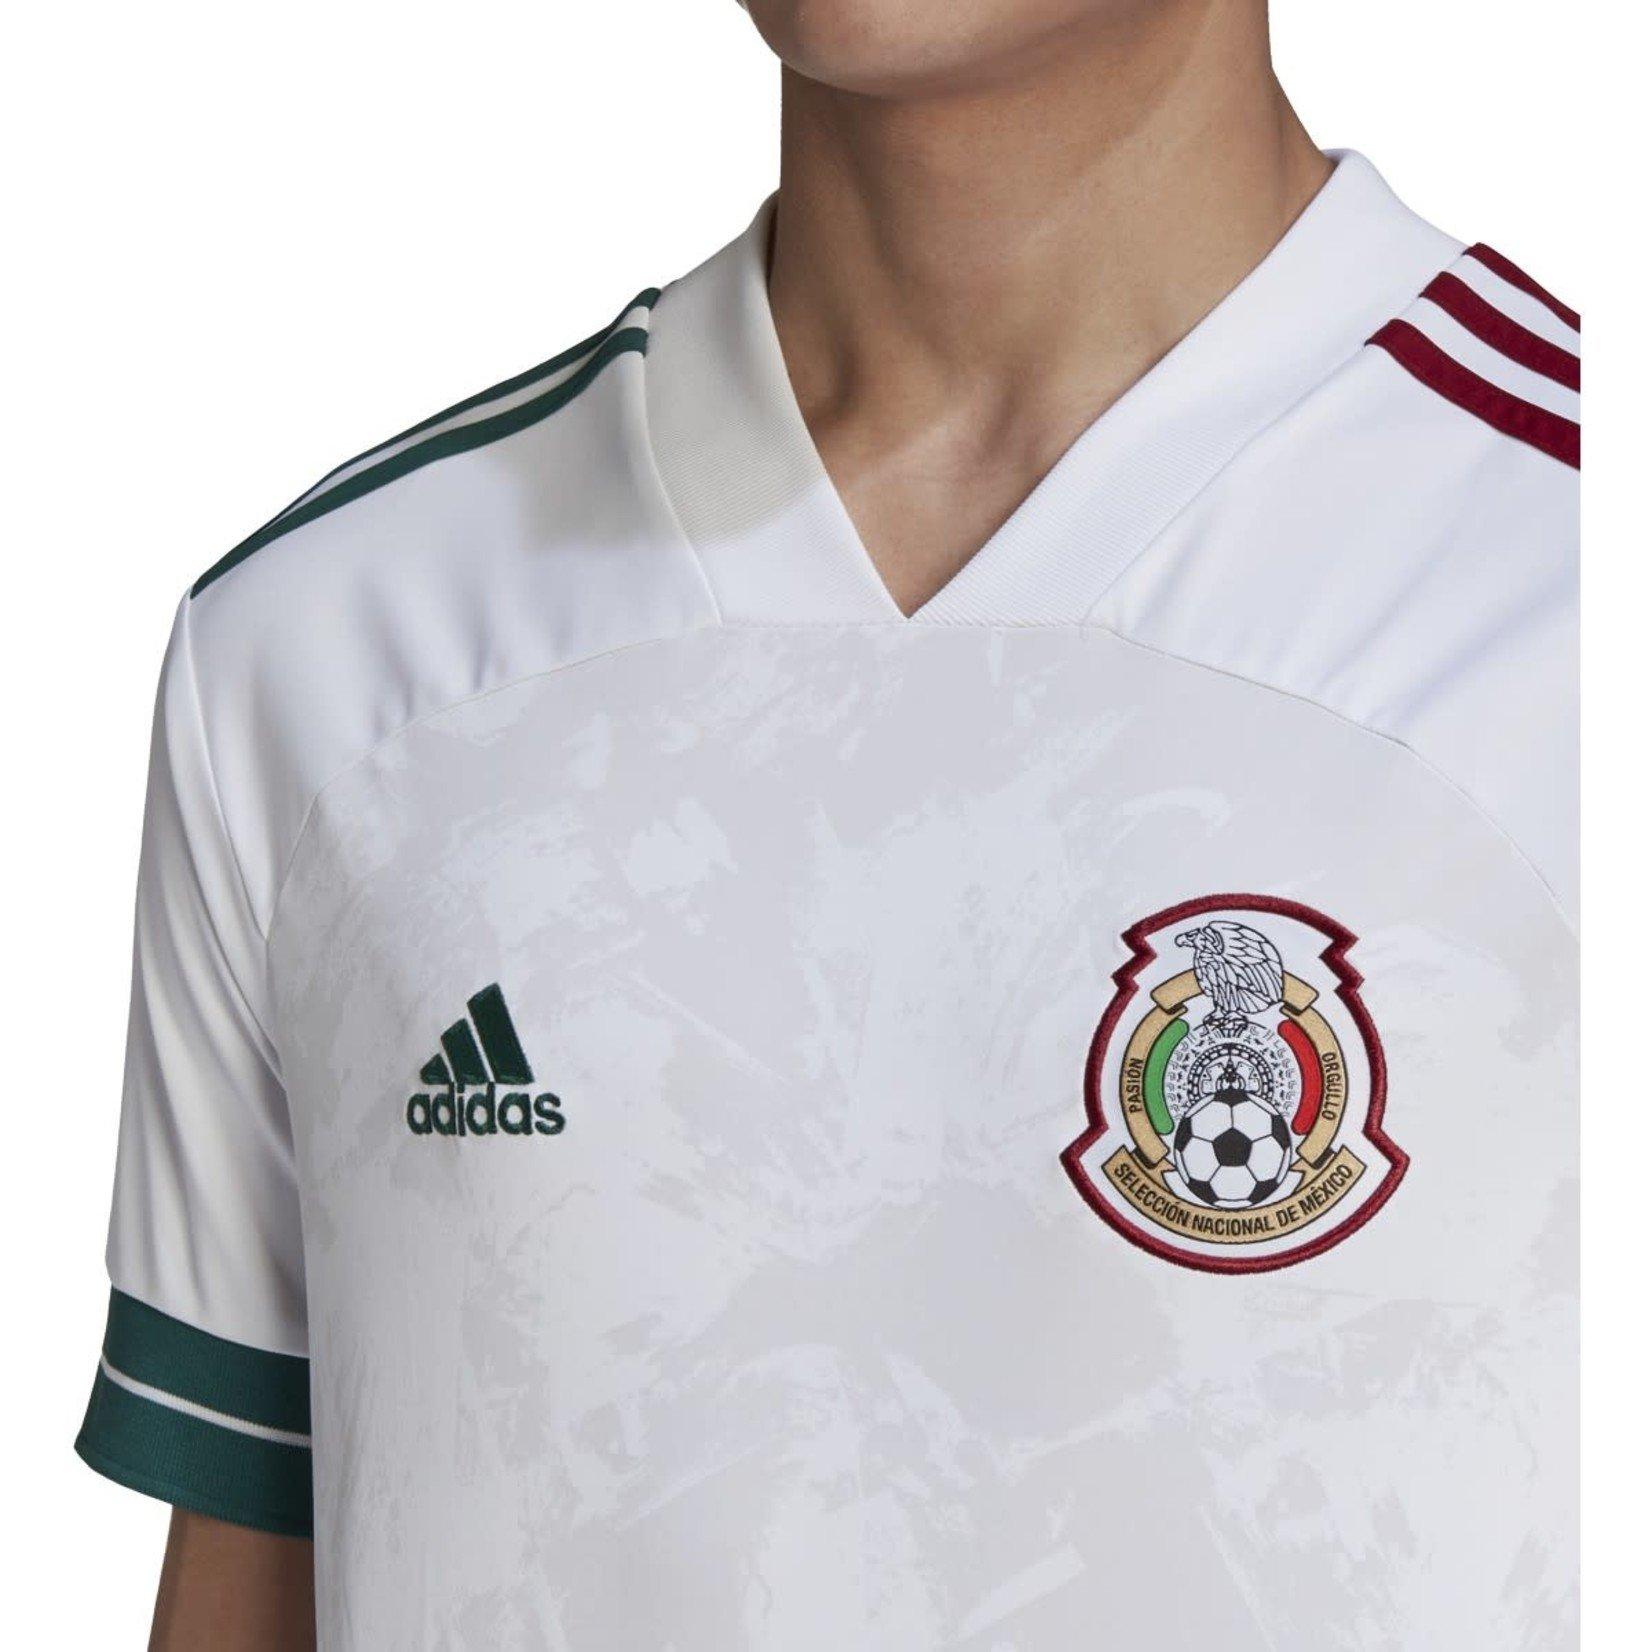 ADIDAS MEXICO 2020 AWAY JERSEY (WHITE)